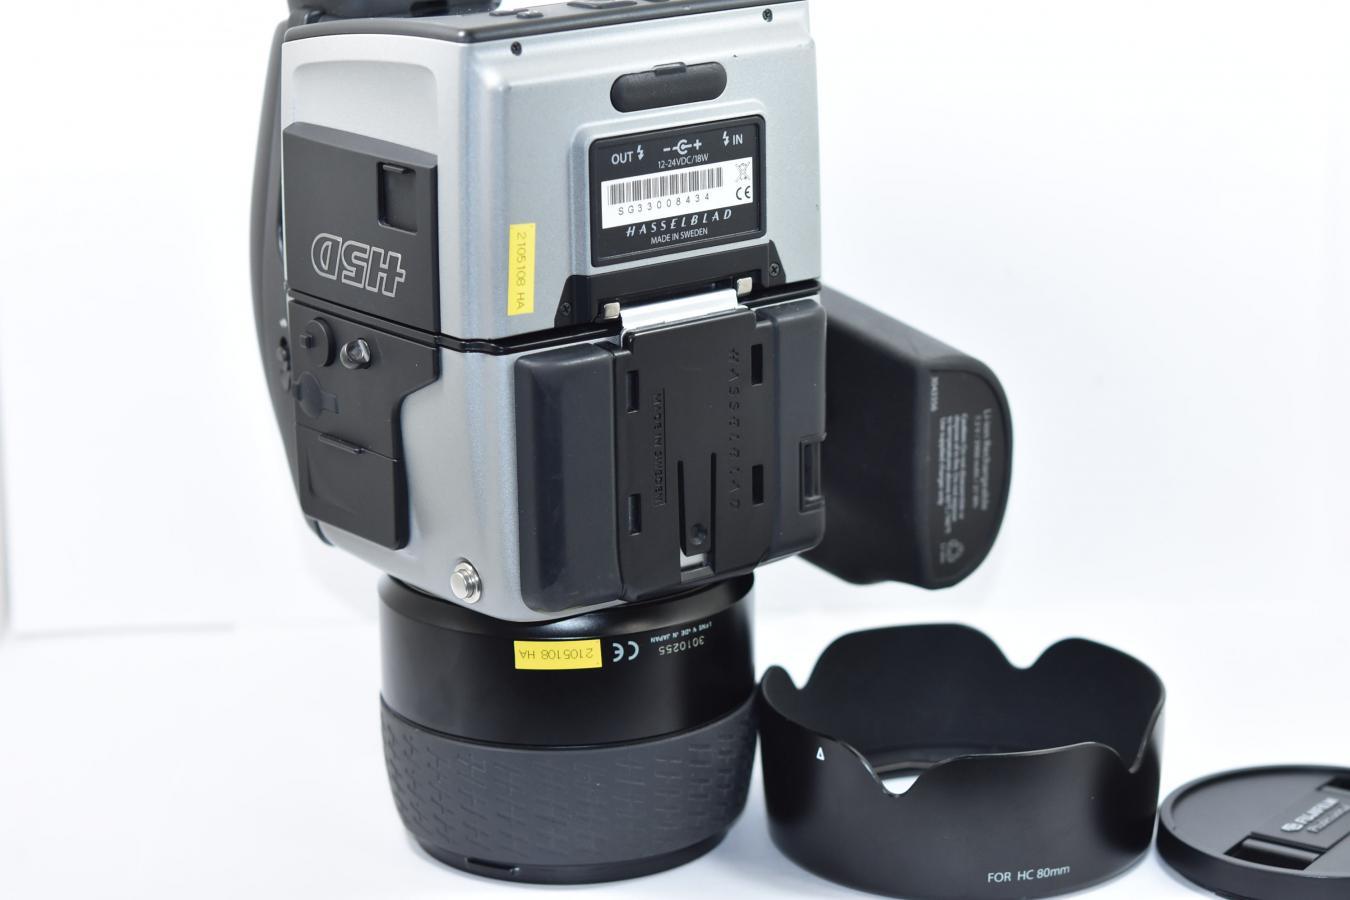 【通信販売限定商品】HASSELBLAD H5D-40 HASSELBLAD SUPER-EBC FUJINON HC 80/2.8付 【ショット数約9600 元箱付一式】